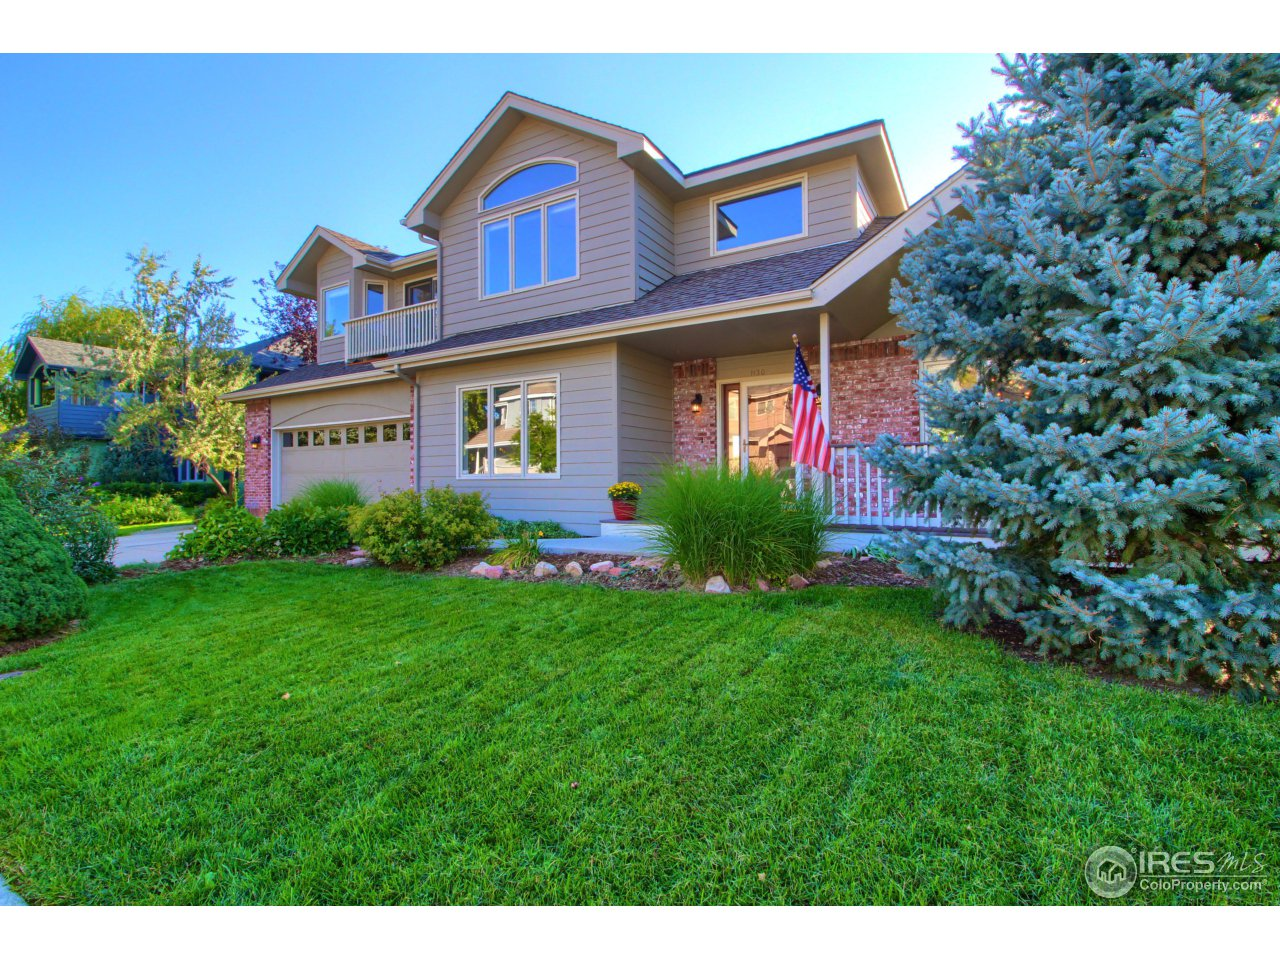 1130 Utica Cir, Boulder CO 80304